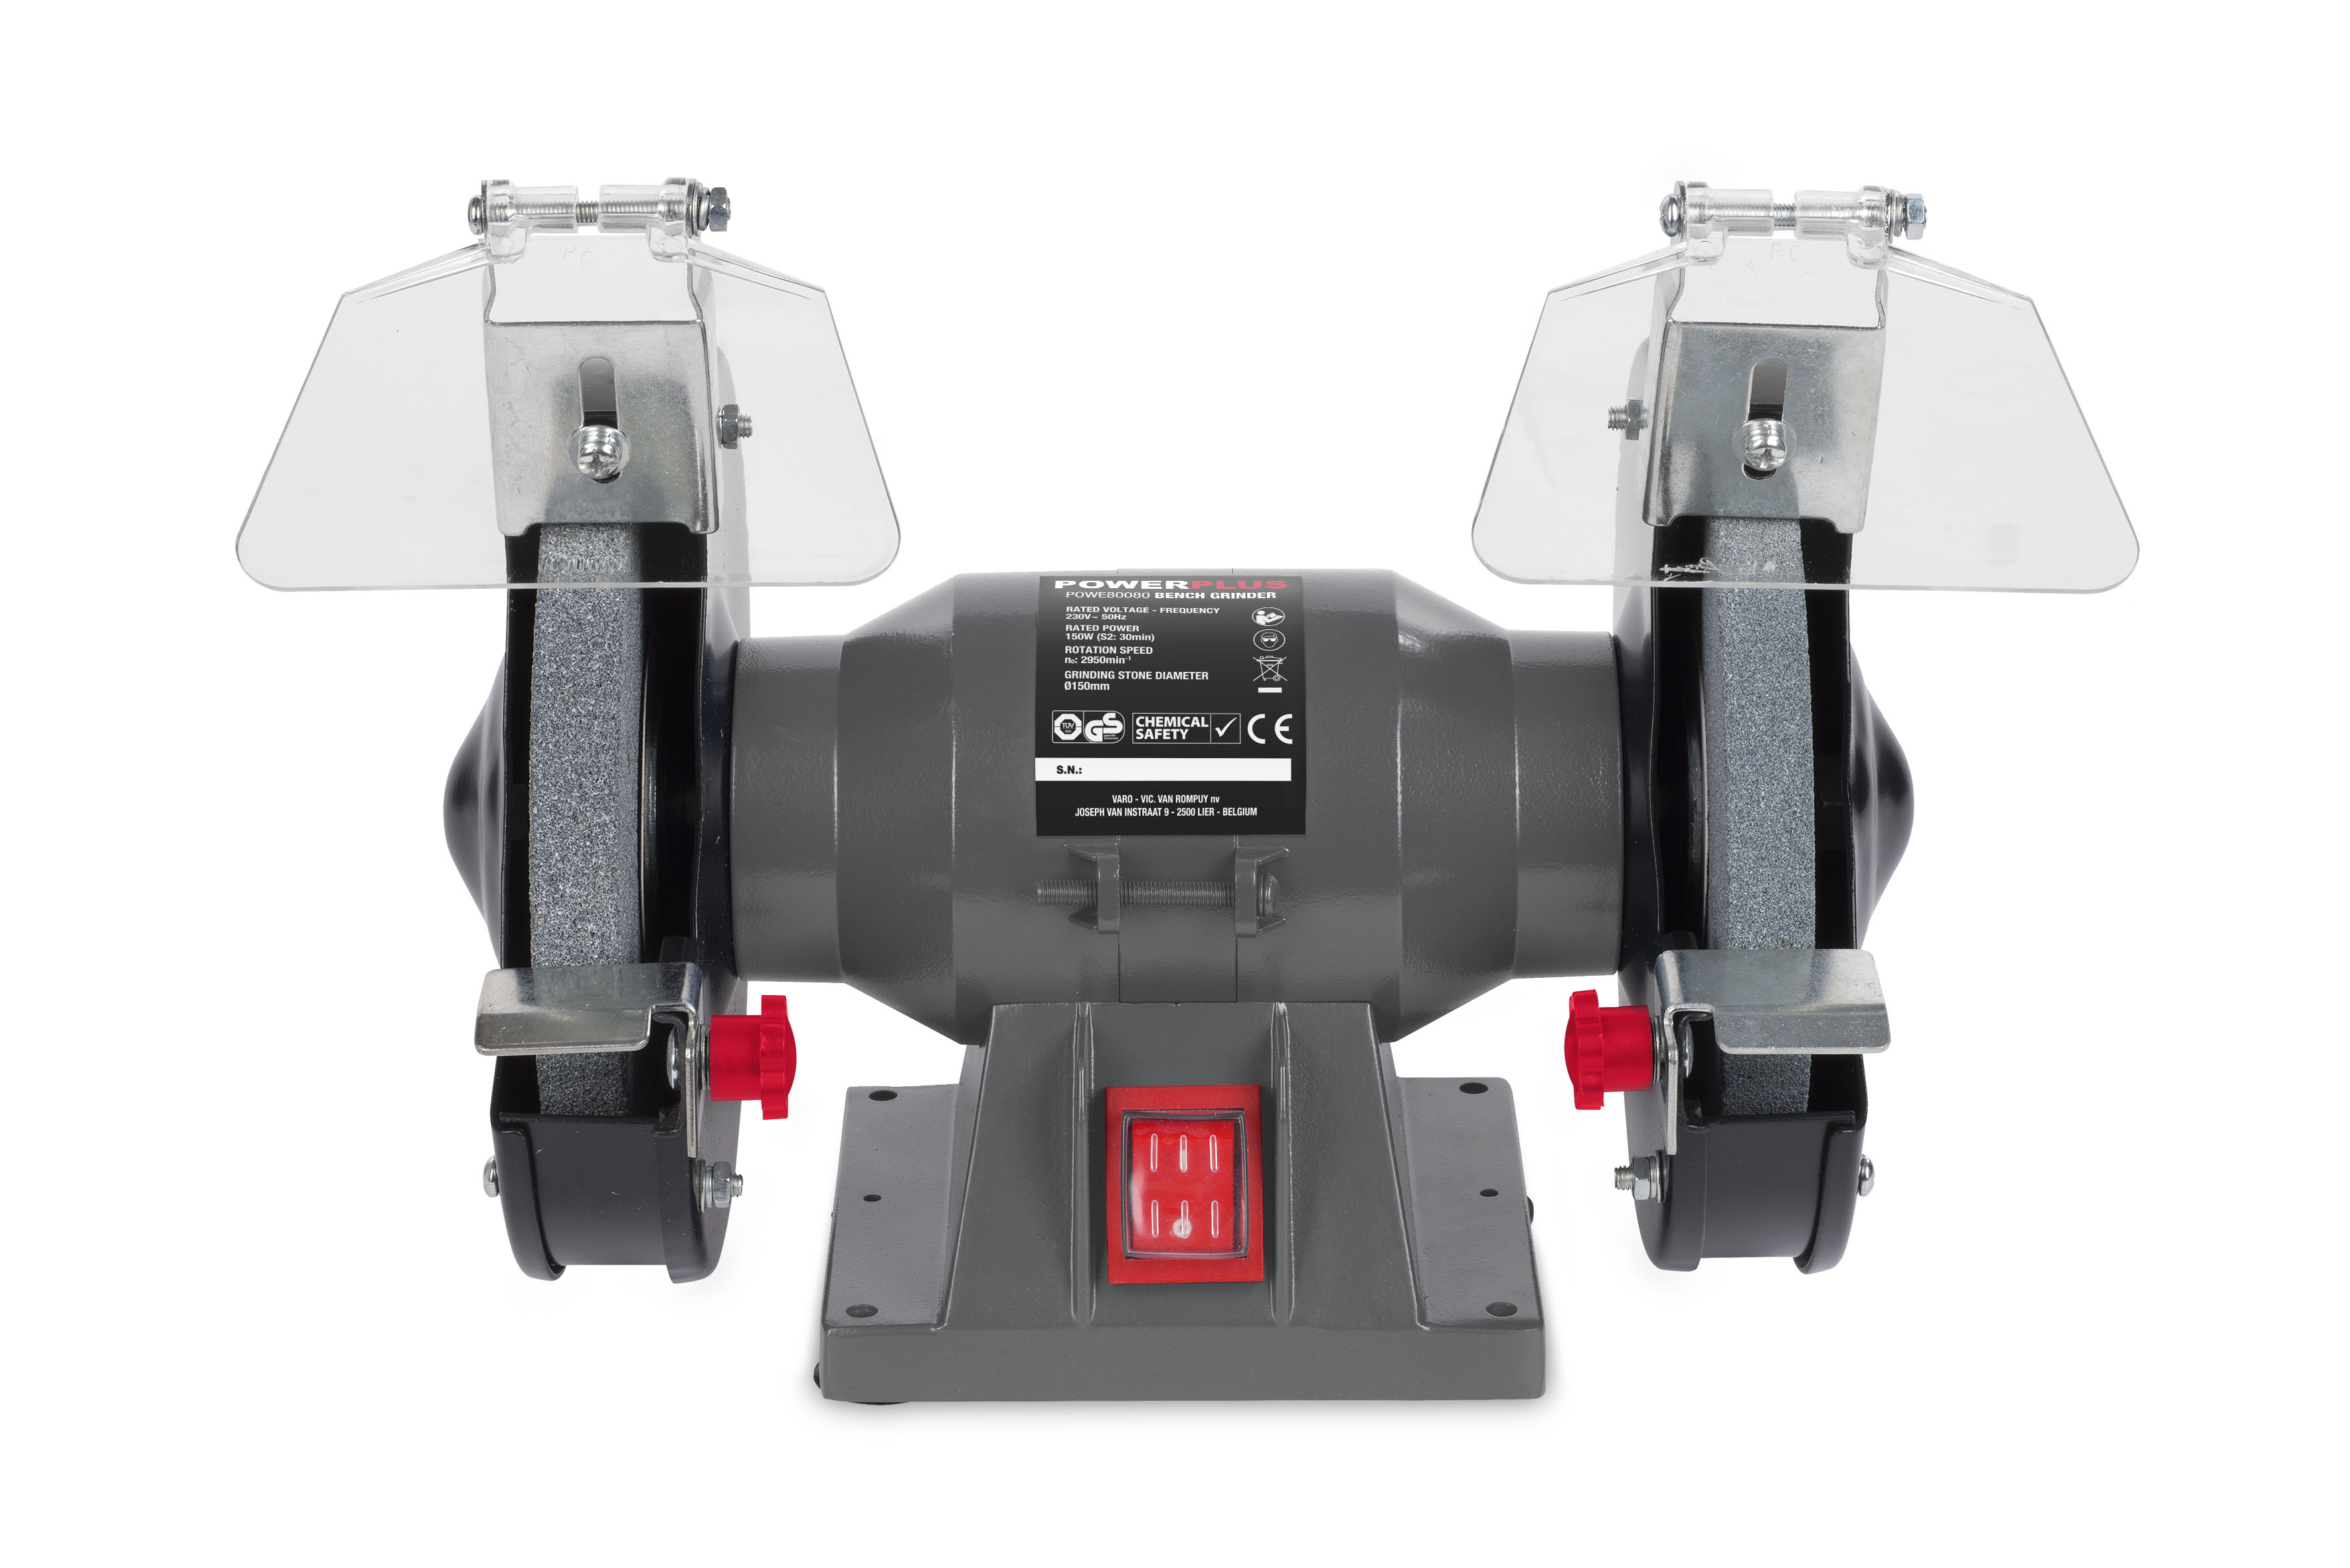 Bænksliber 150 watt - Ø 150 mm